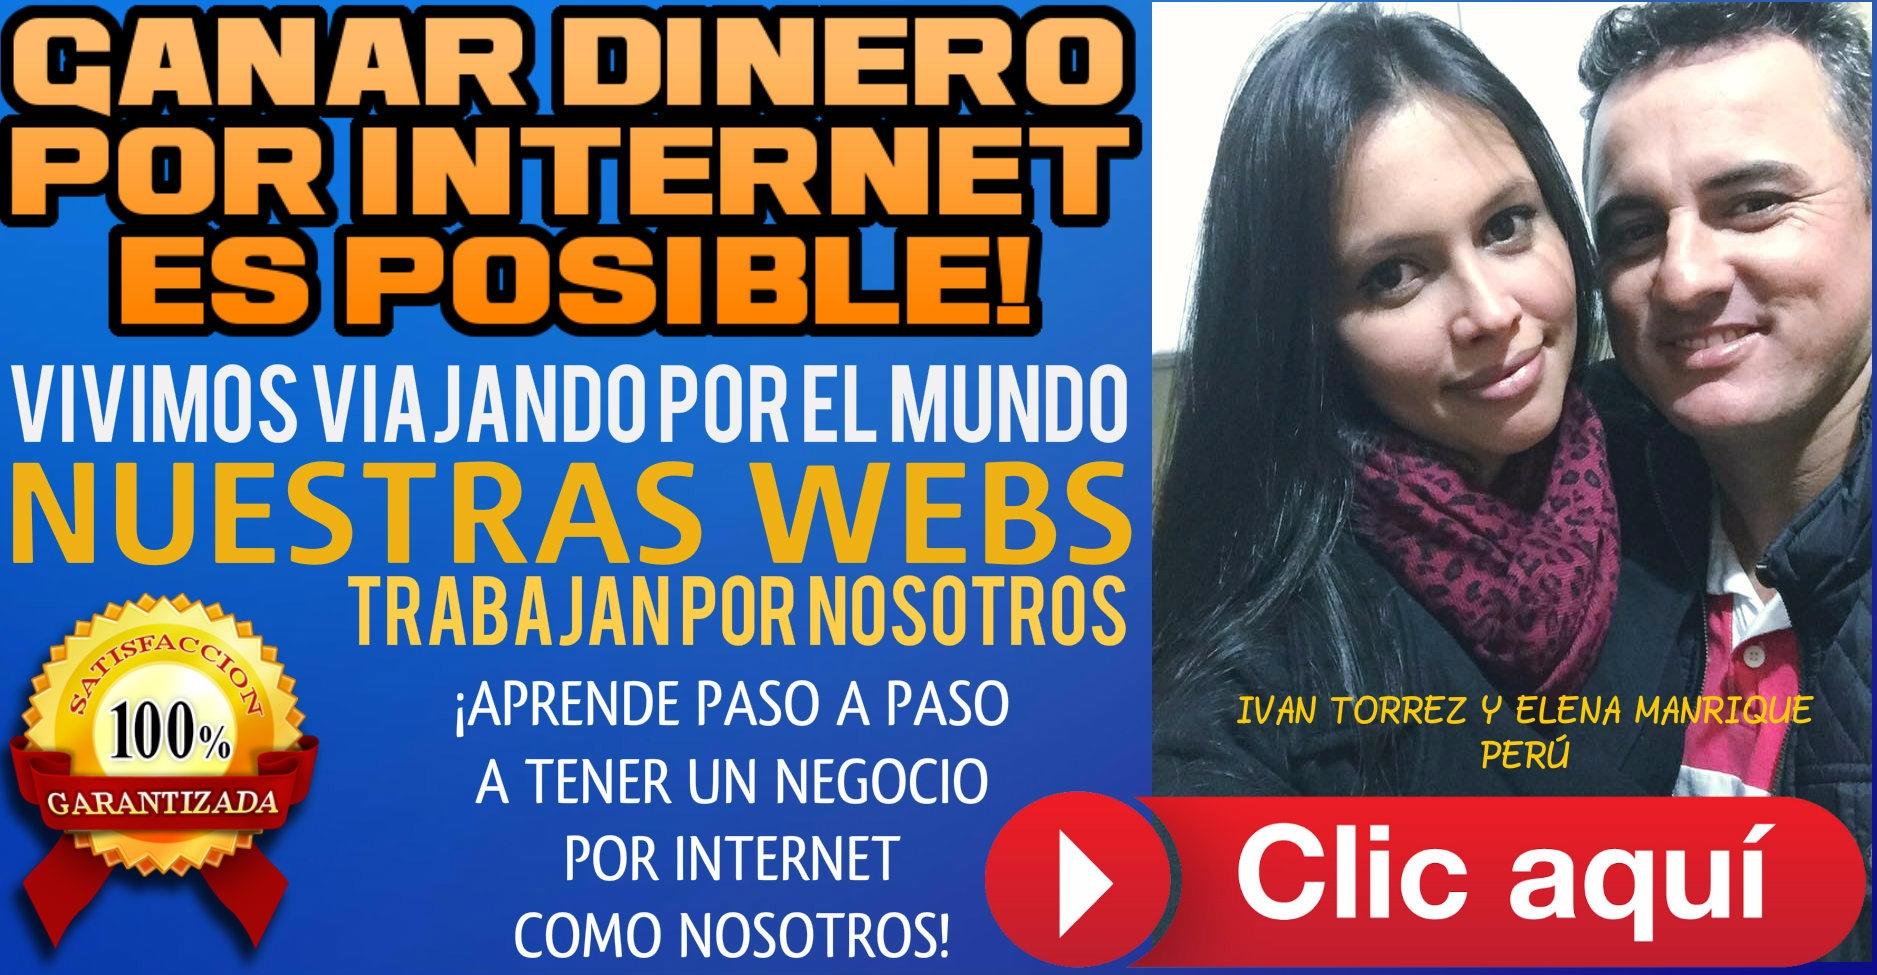 Paginas Para Ganar Dinero Por Internet (@paginasparaganardineroporinternet) Cover Image